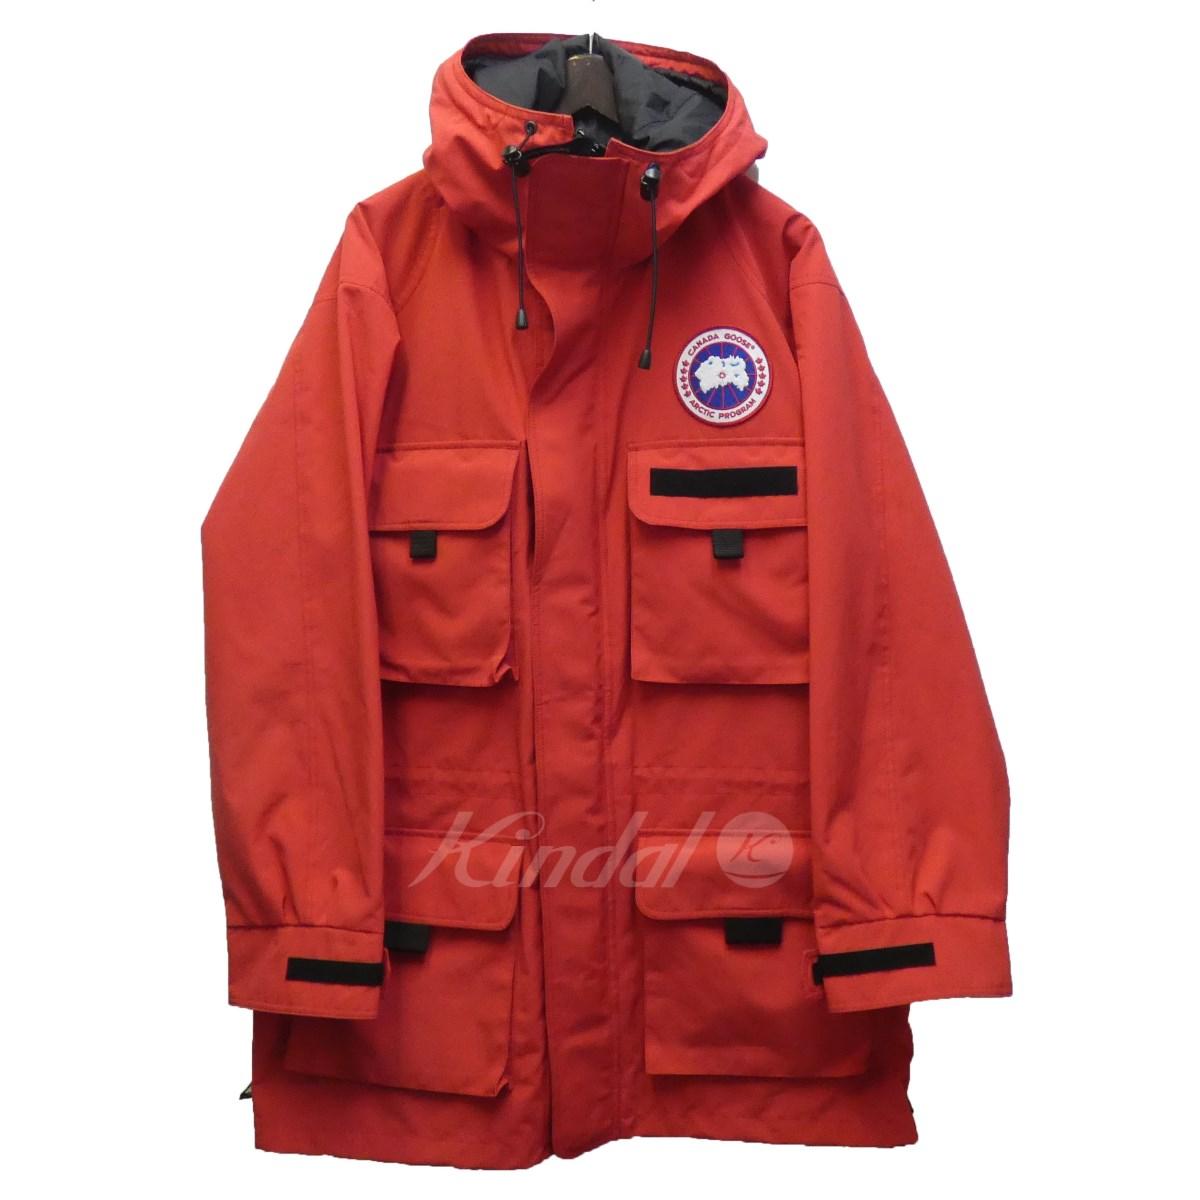 【中古】JUNYA WATANABE CdG MAN × CANADA GOOSE 18AW「Harbour Jacket」ハーバージャケット レッド サイズ:L 【送料無料】 【270419】(ジュンヤワタナベコムデギャルソンマン カナダグース)